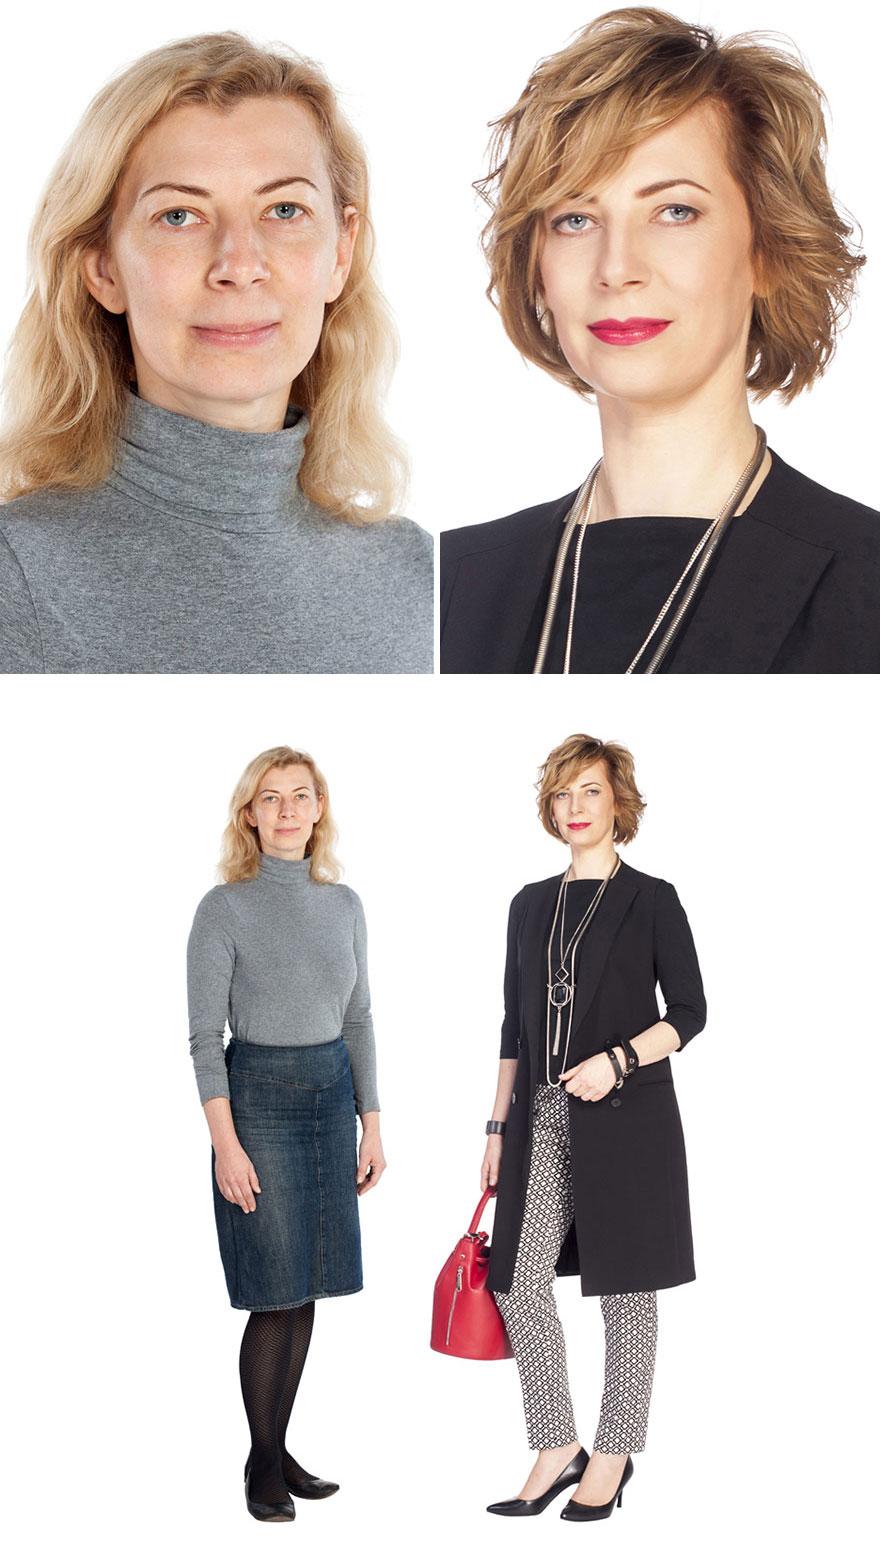 fotos-antes-despues-mujeres-cambio-estilo-bogomolov-17